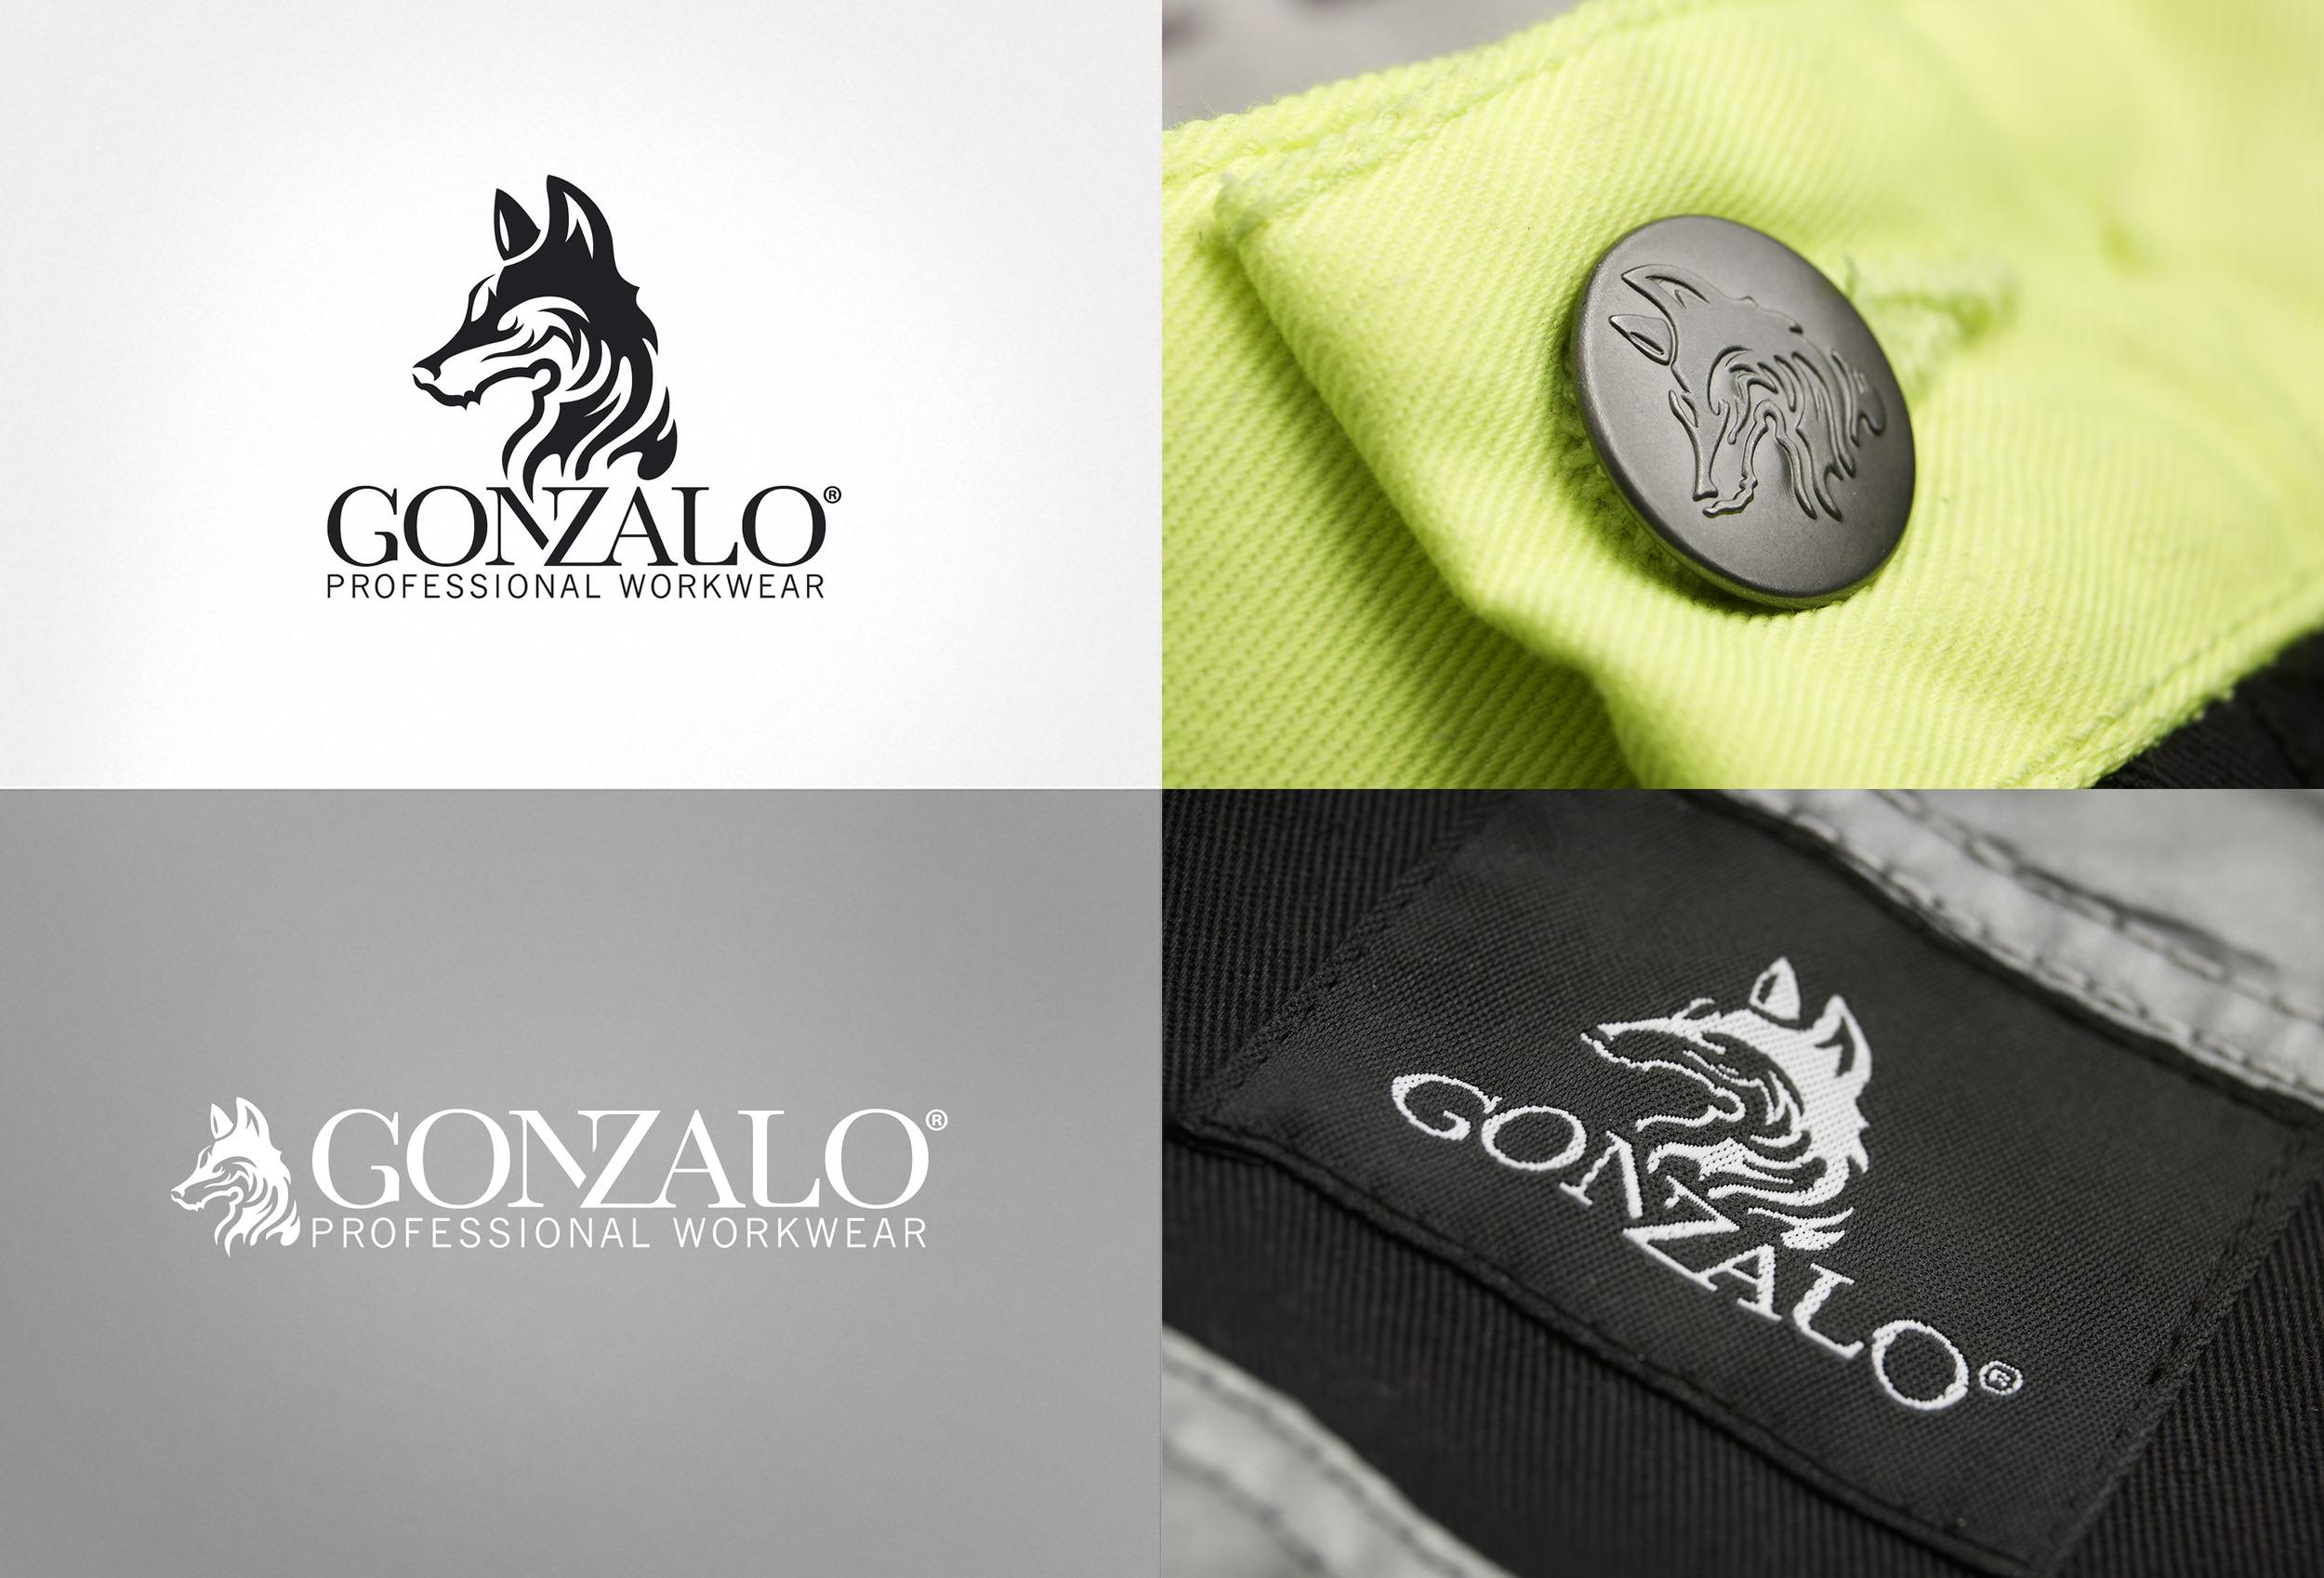 Gonzalo Workwear